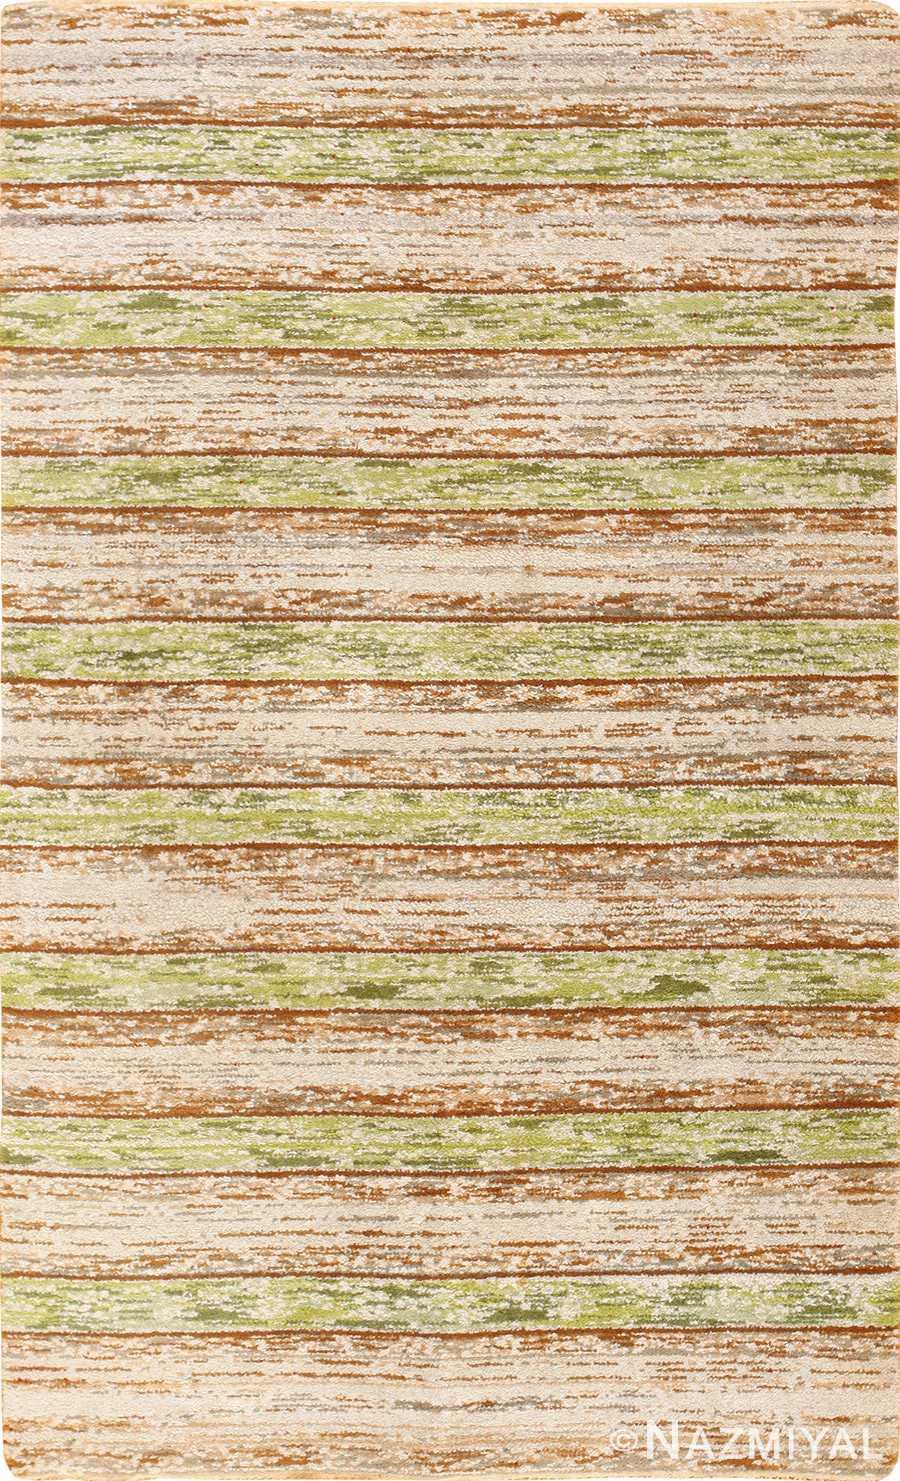 vintage double sided swedish rug 49018 Nazmiyal